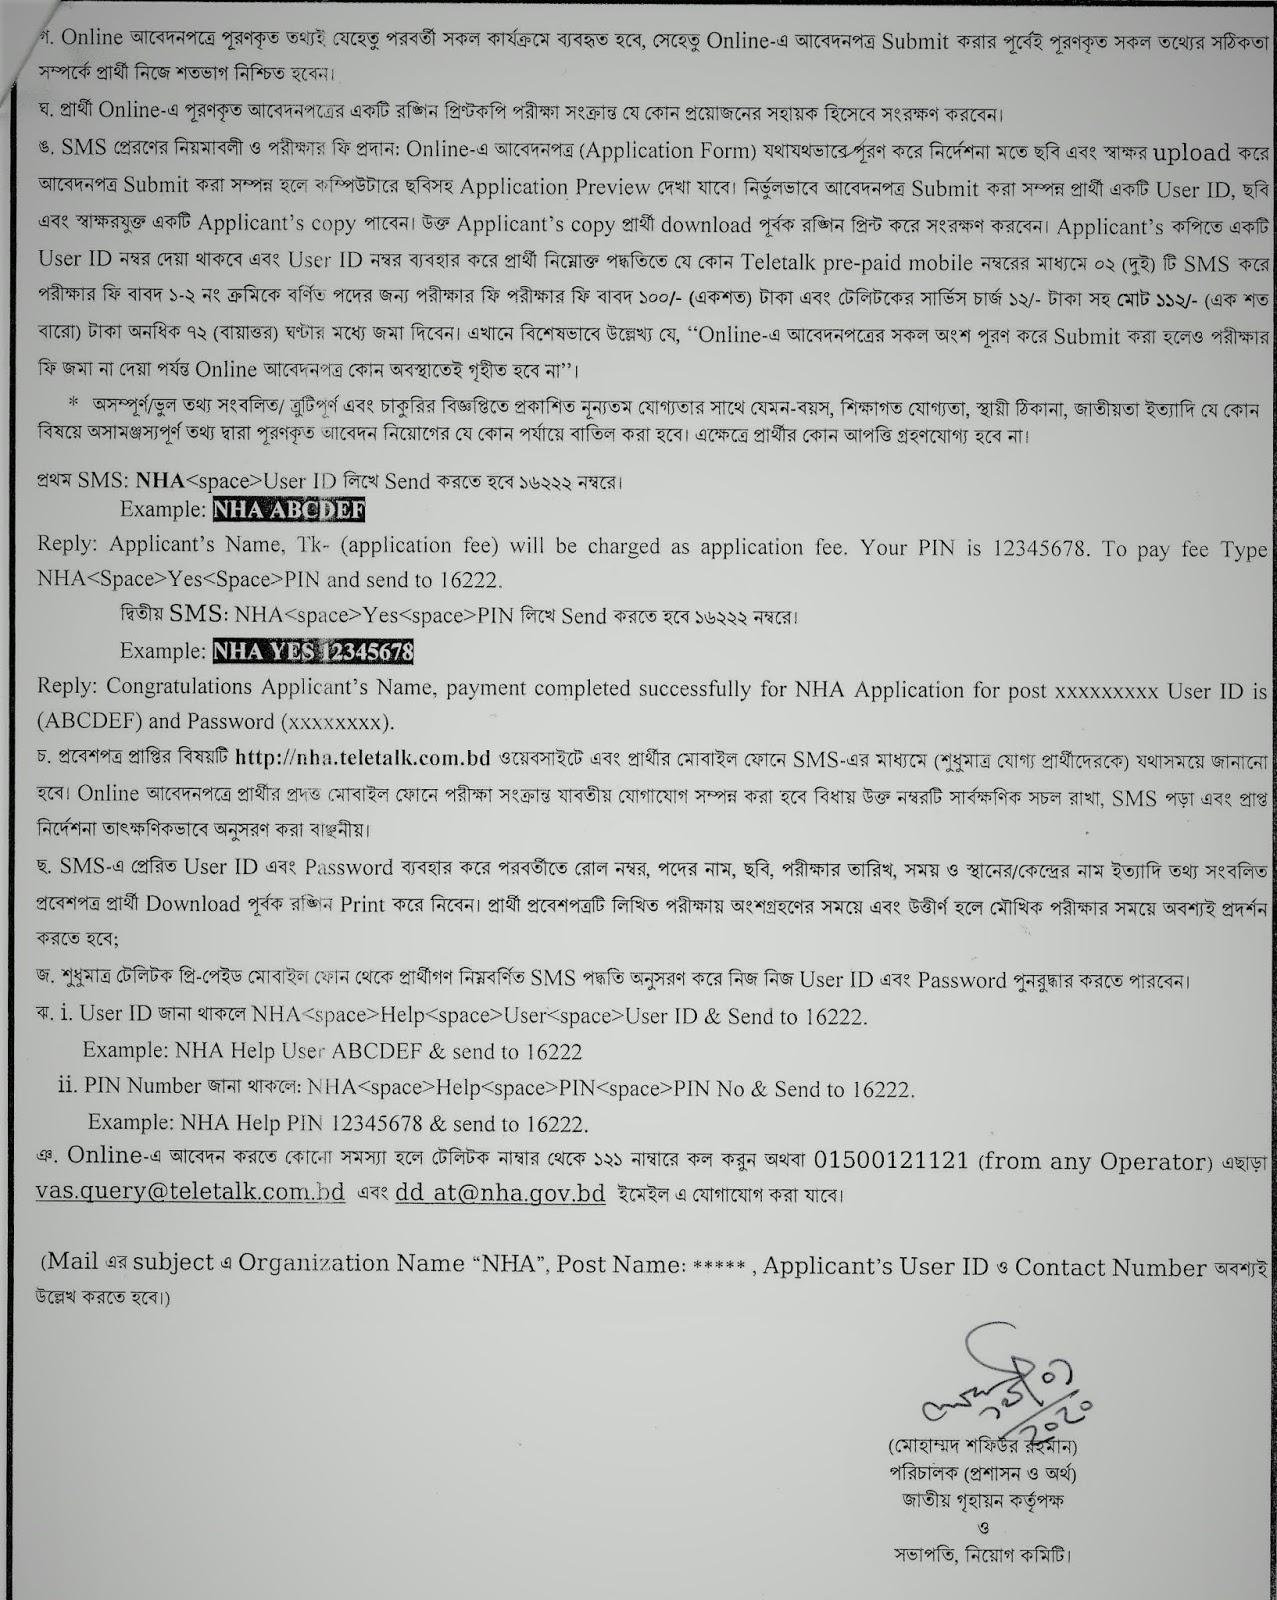 জাতীয় গৃহায়ন কর্তৃপক্ষ নিয়োগ বিজ্ঞপ্তি 2020 - NHA Job Circular 2020 - আজকের চাকরির খবর ২০২০